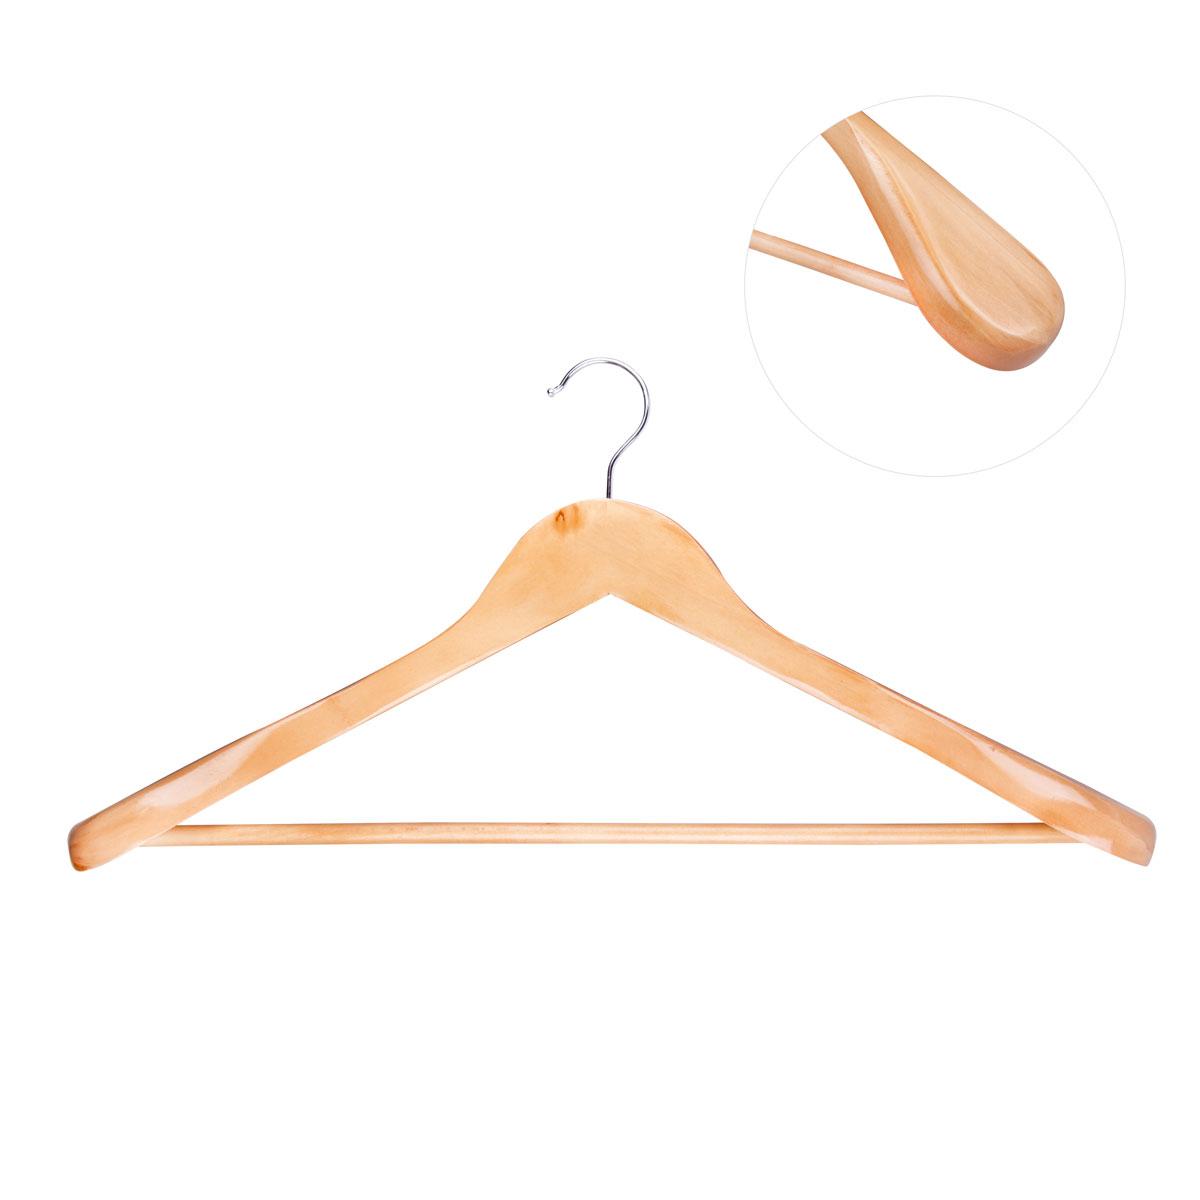 Вешалка для одежды Miolla. VM-31004900000360Универсальная вешалка для одежды Miolla выполнена из прочного дерева. Изделие оснащено перекладиной для брюк и массивными плечиками. Вешалка - это незаменимая вещь для того, чтобы ваша одежда всегда оставалась в хорошем состоянии.